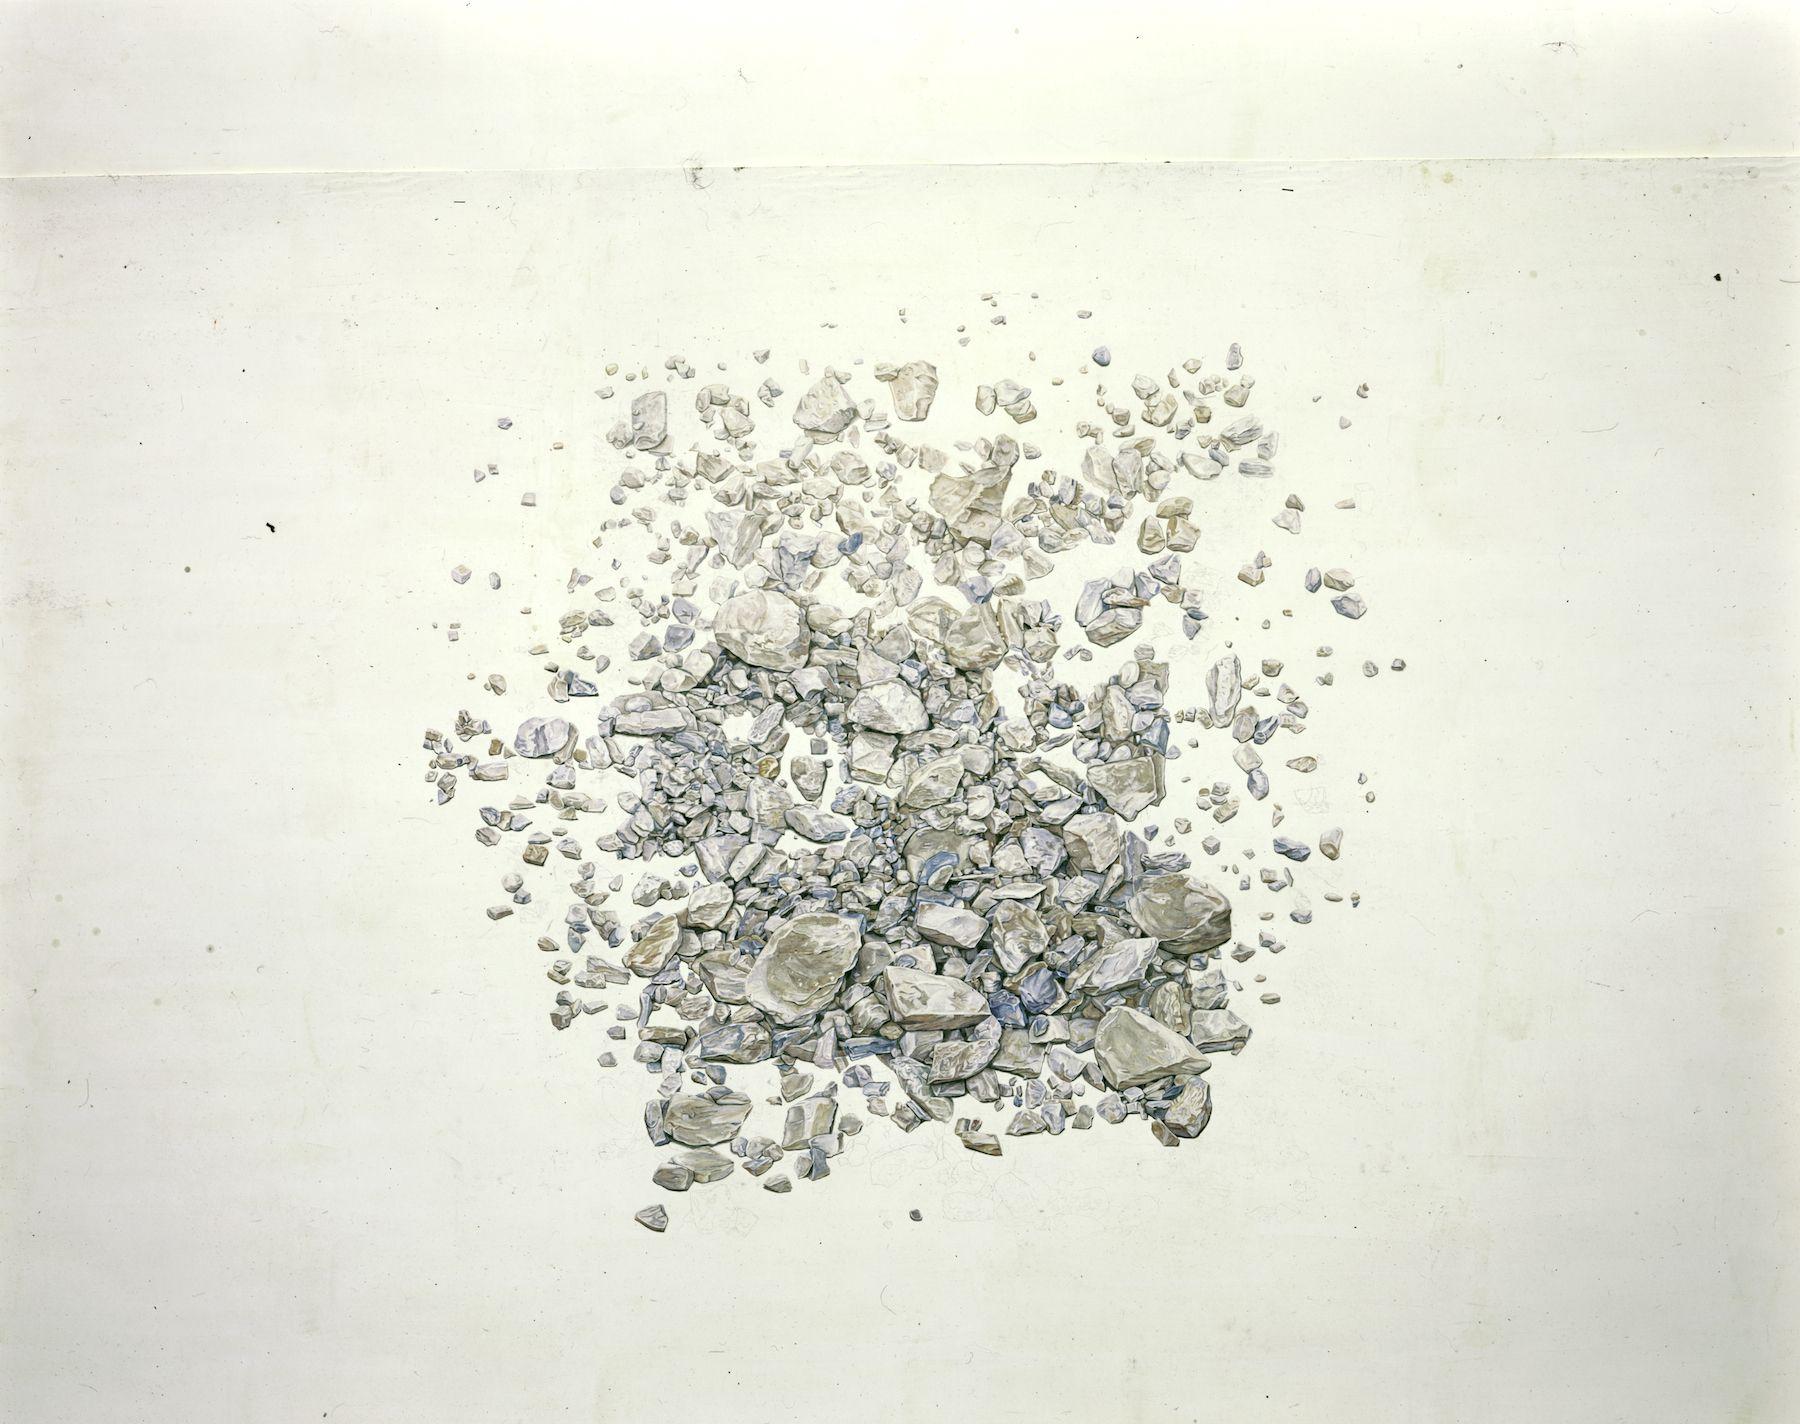 Toba Khedoori, Untitled (Rocks) detail